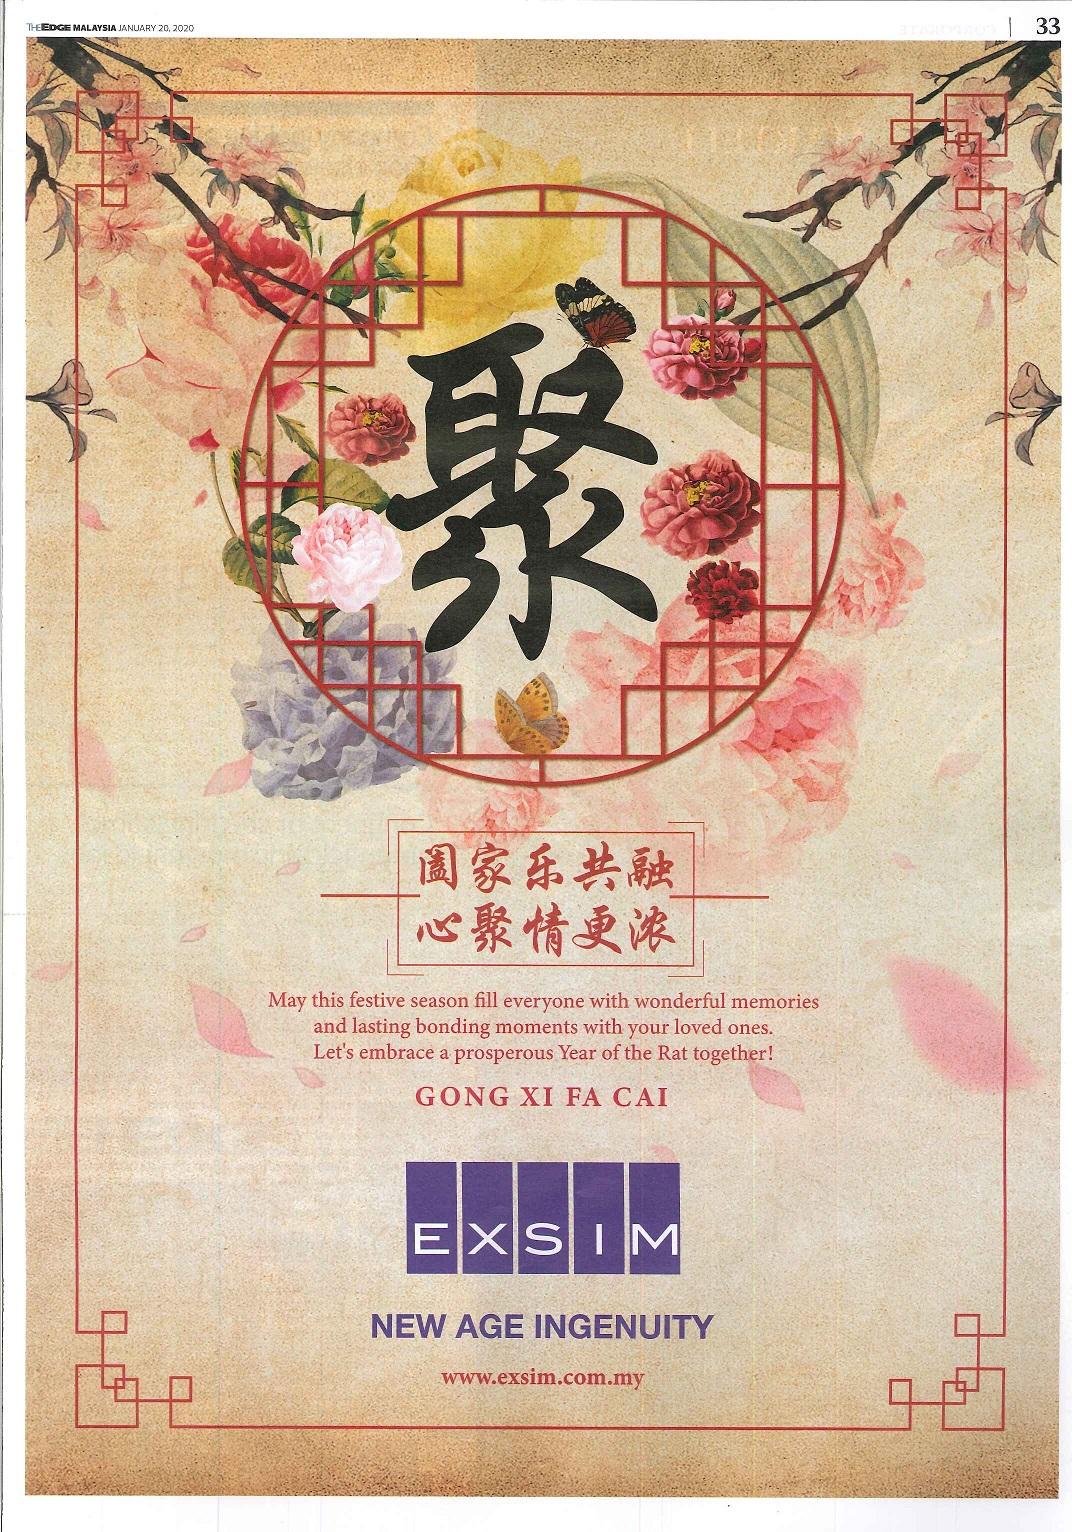 EXSIM - The Edge Malaysia 20 Jan 2020